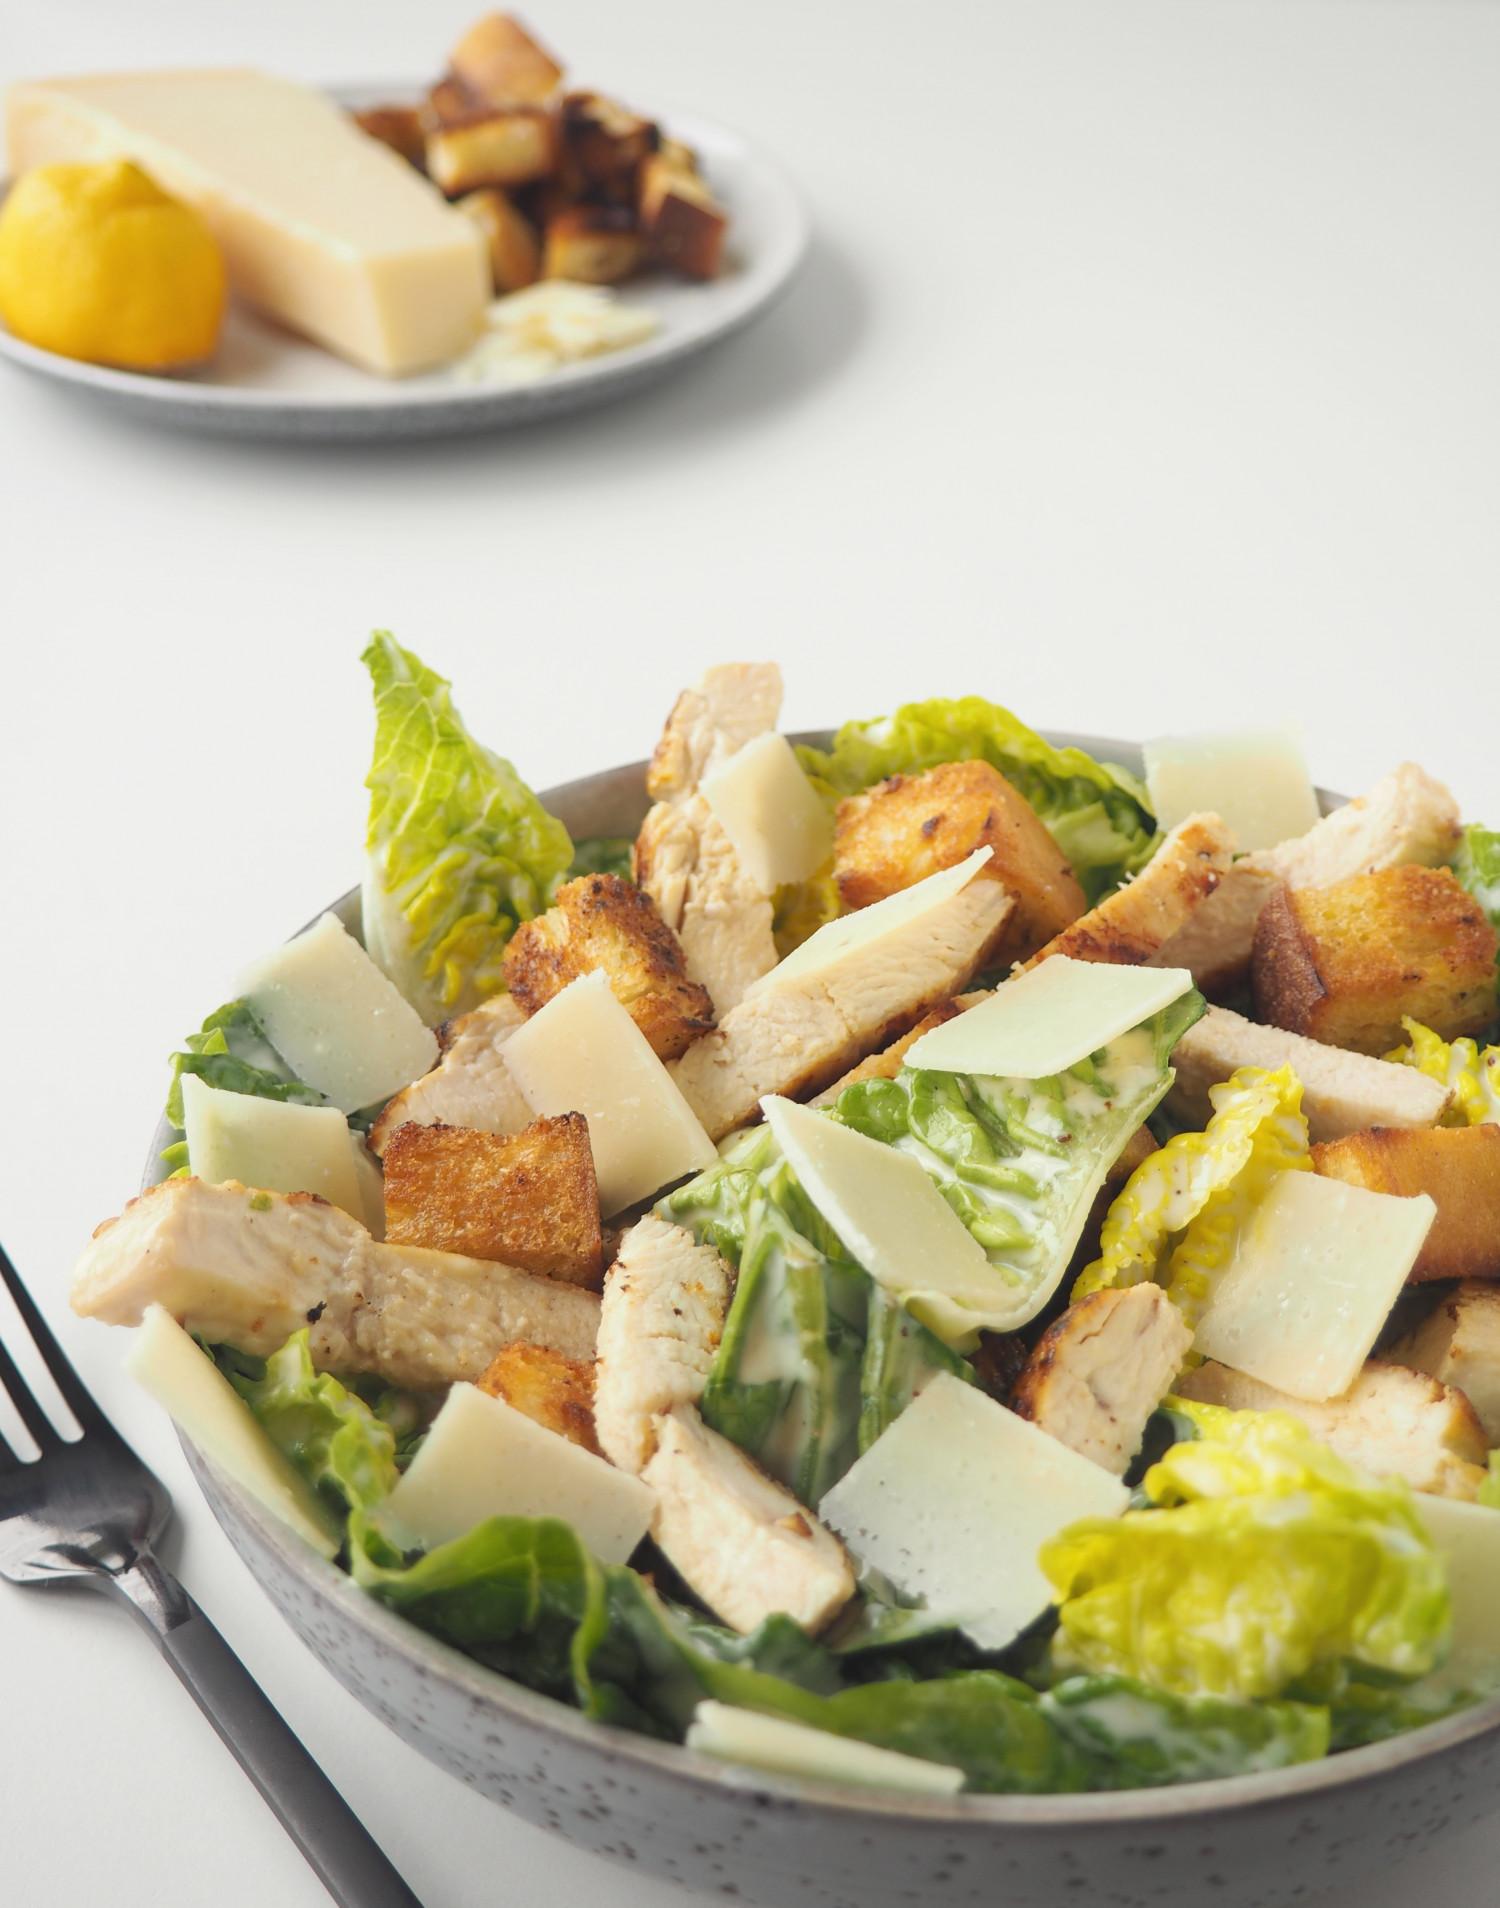 Cæsarsalat ala Beksemad inspireret af min frokostfavorit cæsarsalat fra Bistro Royal